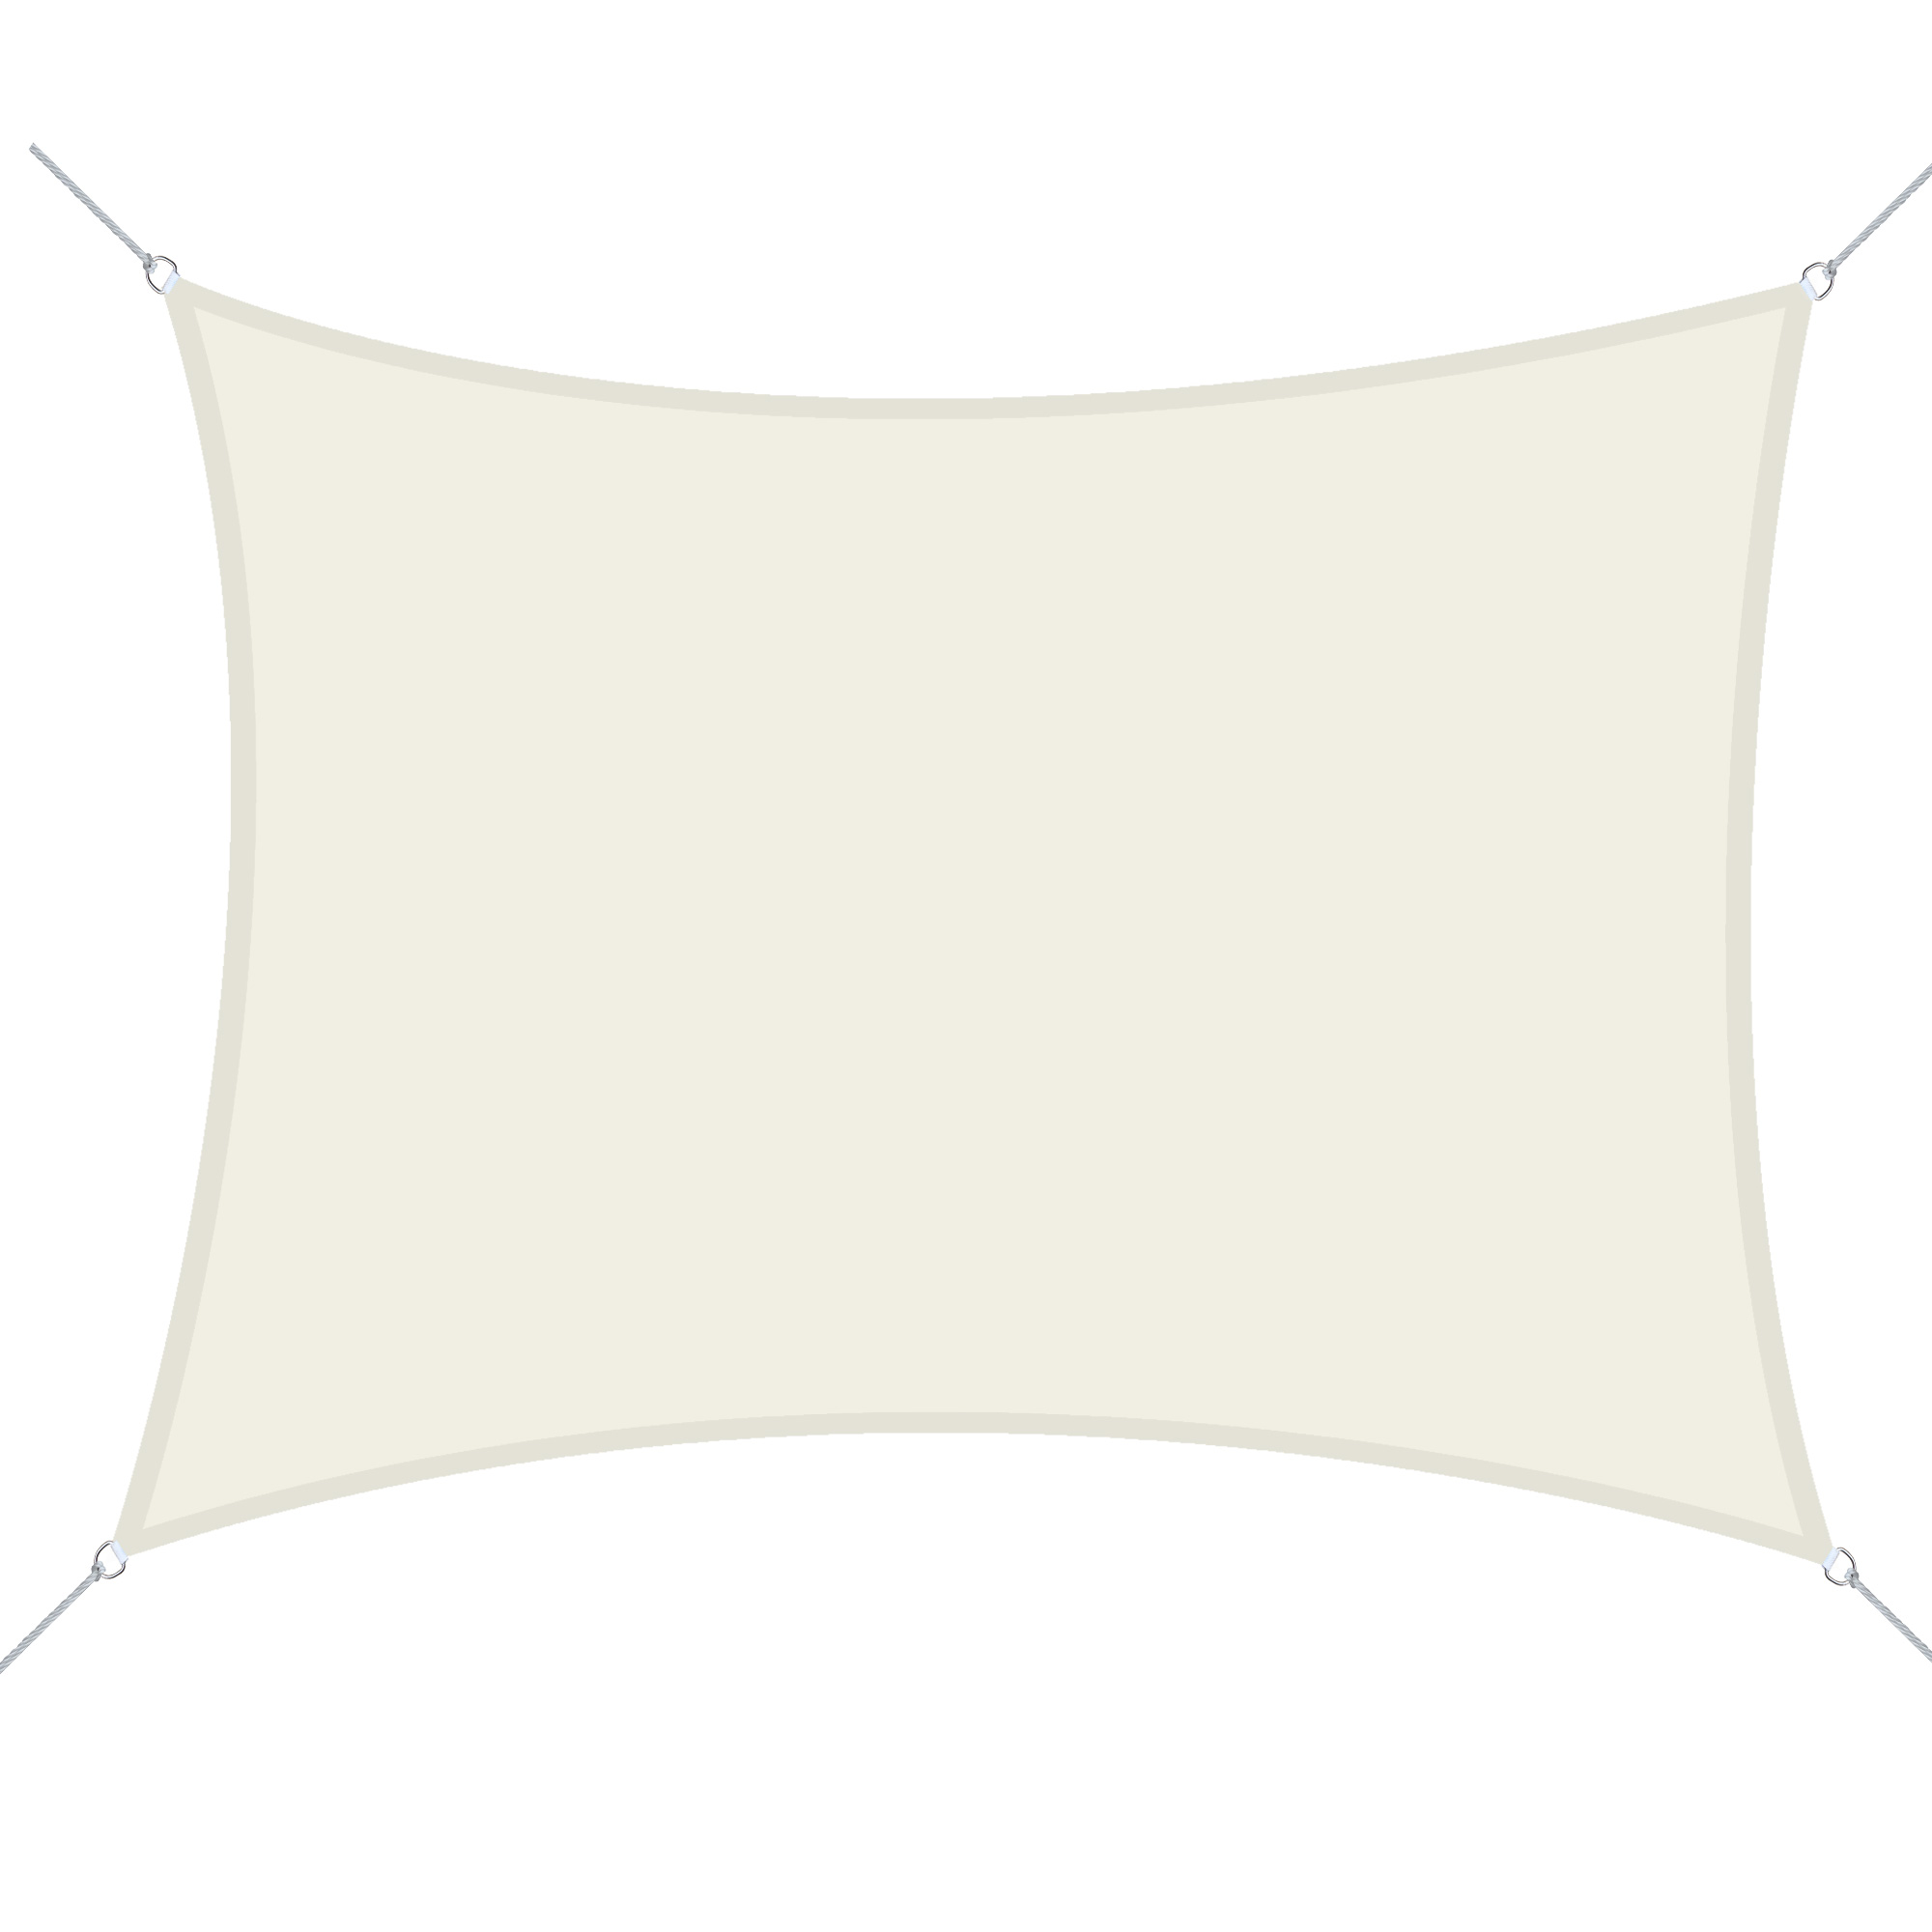 Outsunny Vela Ombreggiante Rettangolare 4x6m Tenda da Sole in Poliestere Bianco Crema